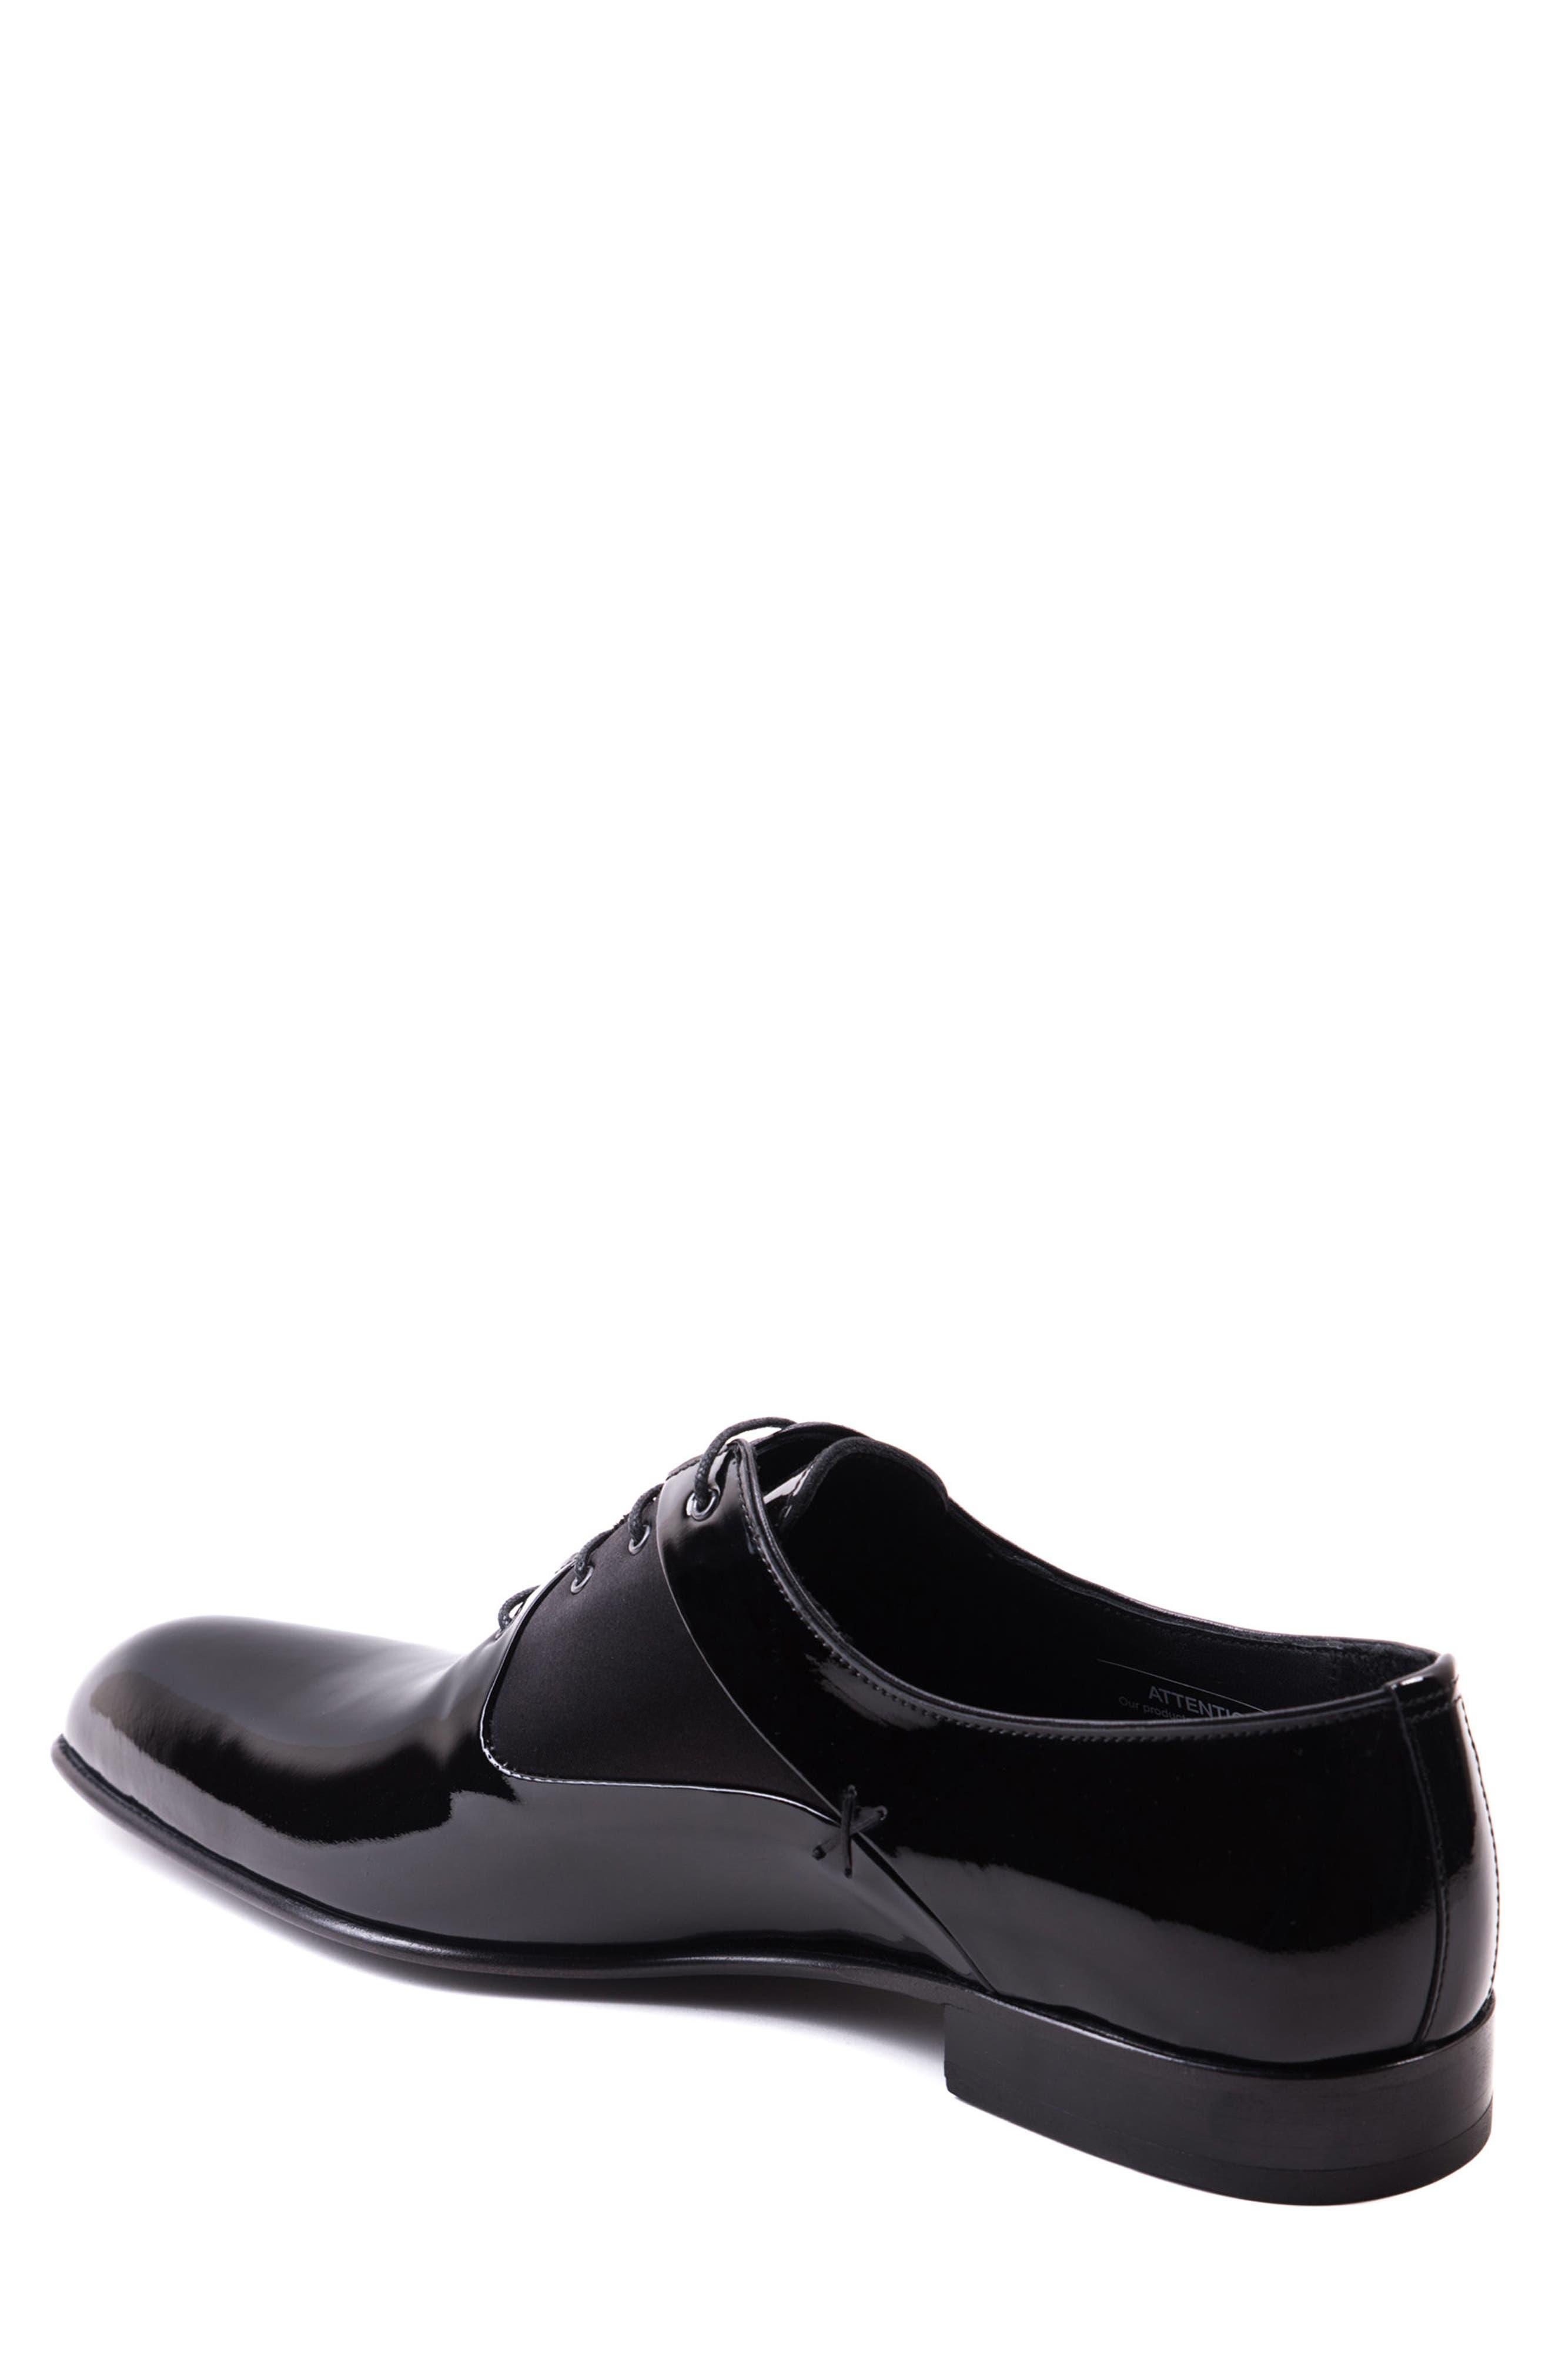 Ricci Plain Toe Oxford,                             Alternate thumbnail 2, color,                             Black